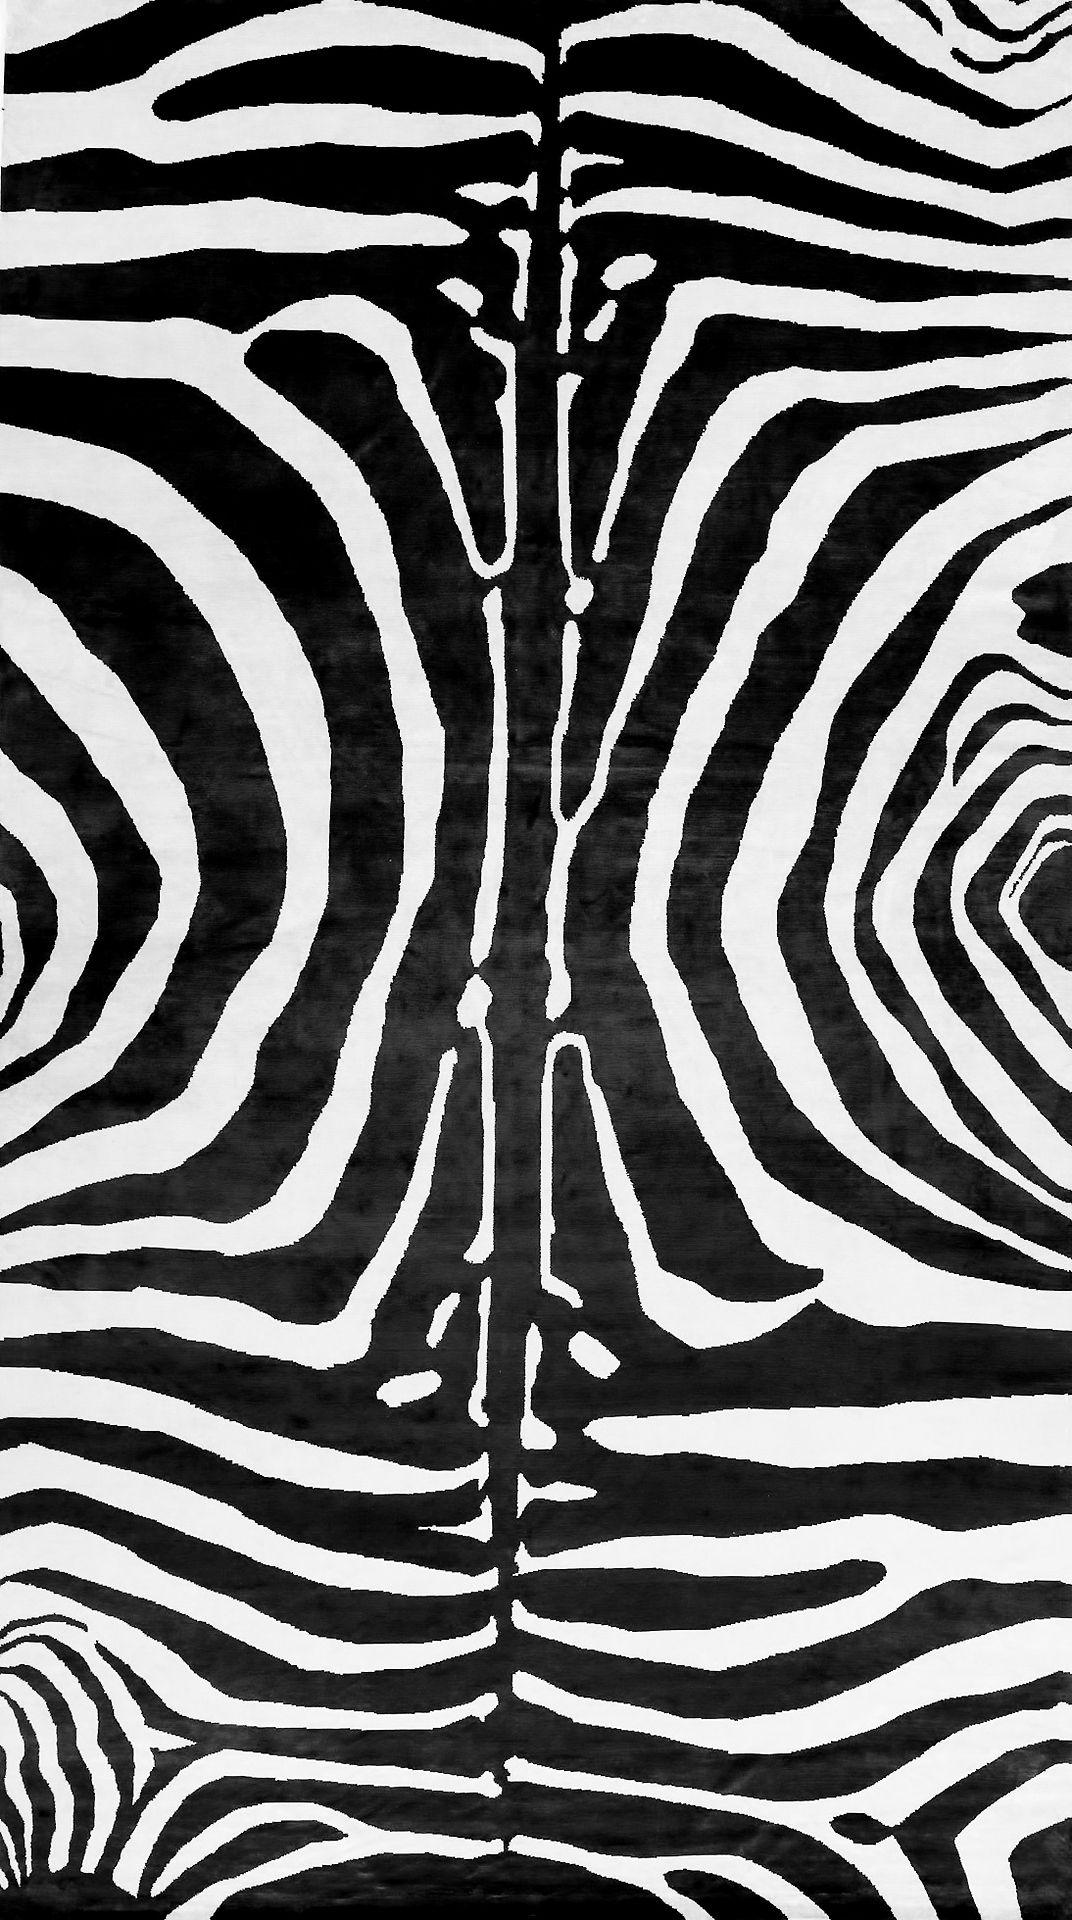 Black & white zebra pattern, monochrome print design